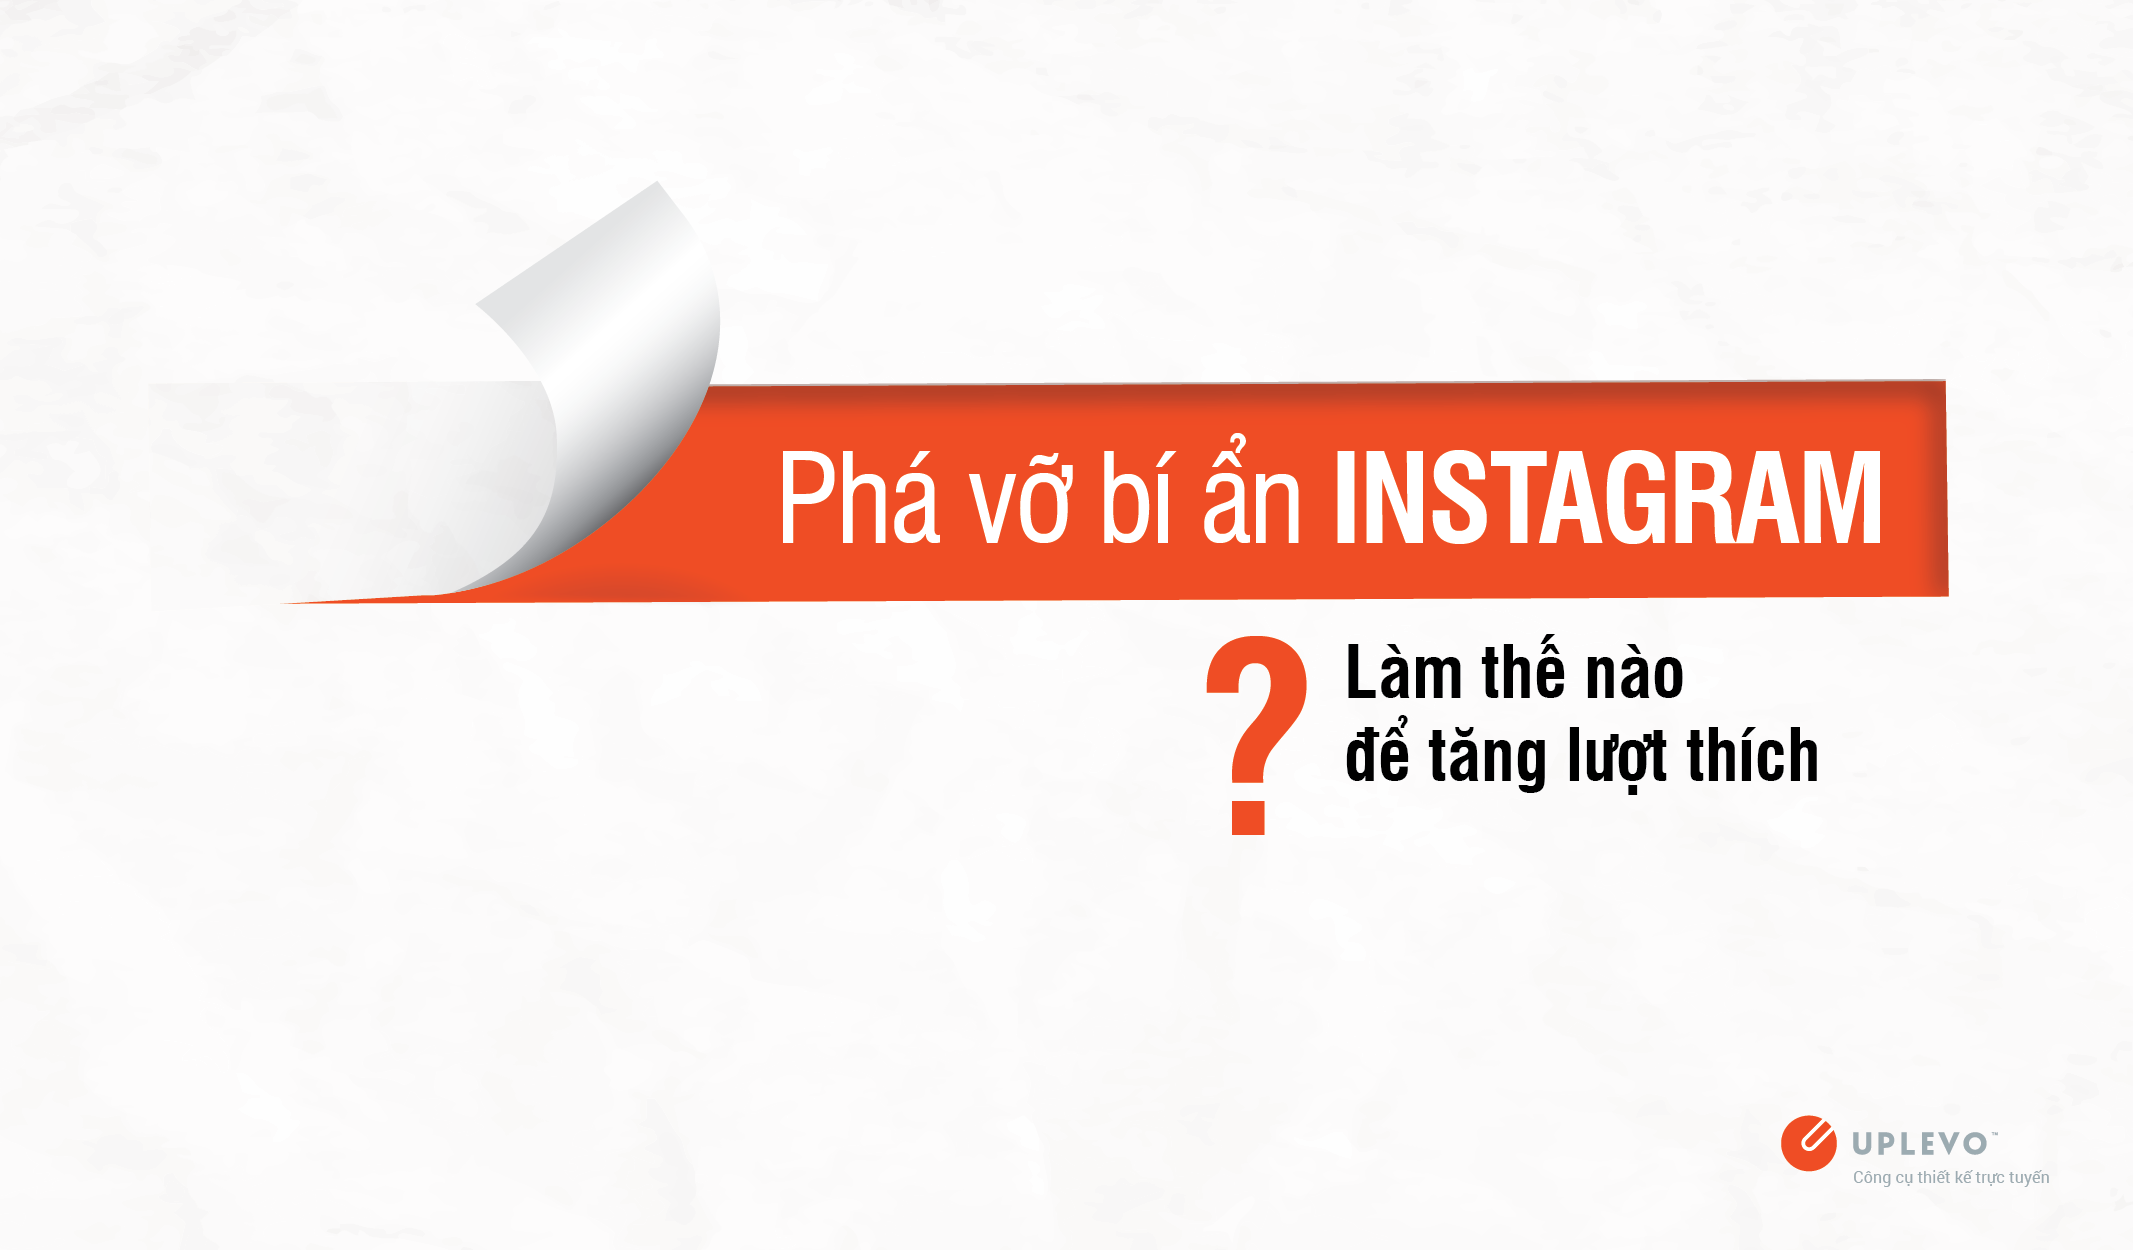 Phá Vỡ Bí Ẩn Instagram: Làm Thế Nào Để Tăng Lượt Thích?